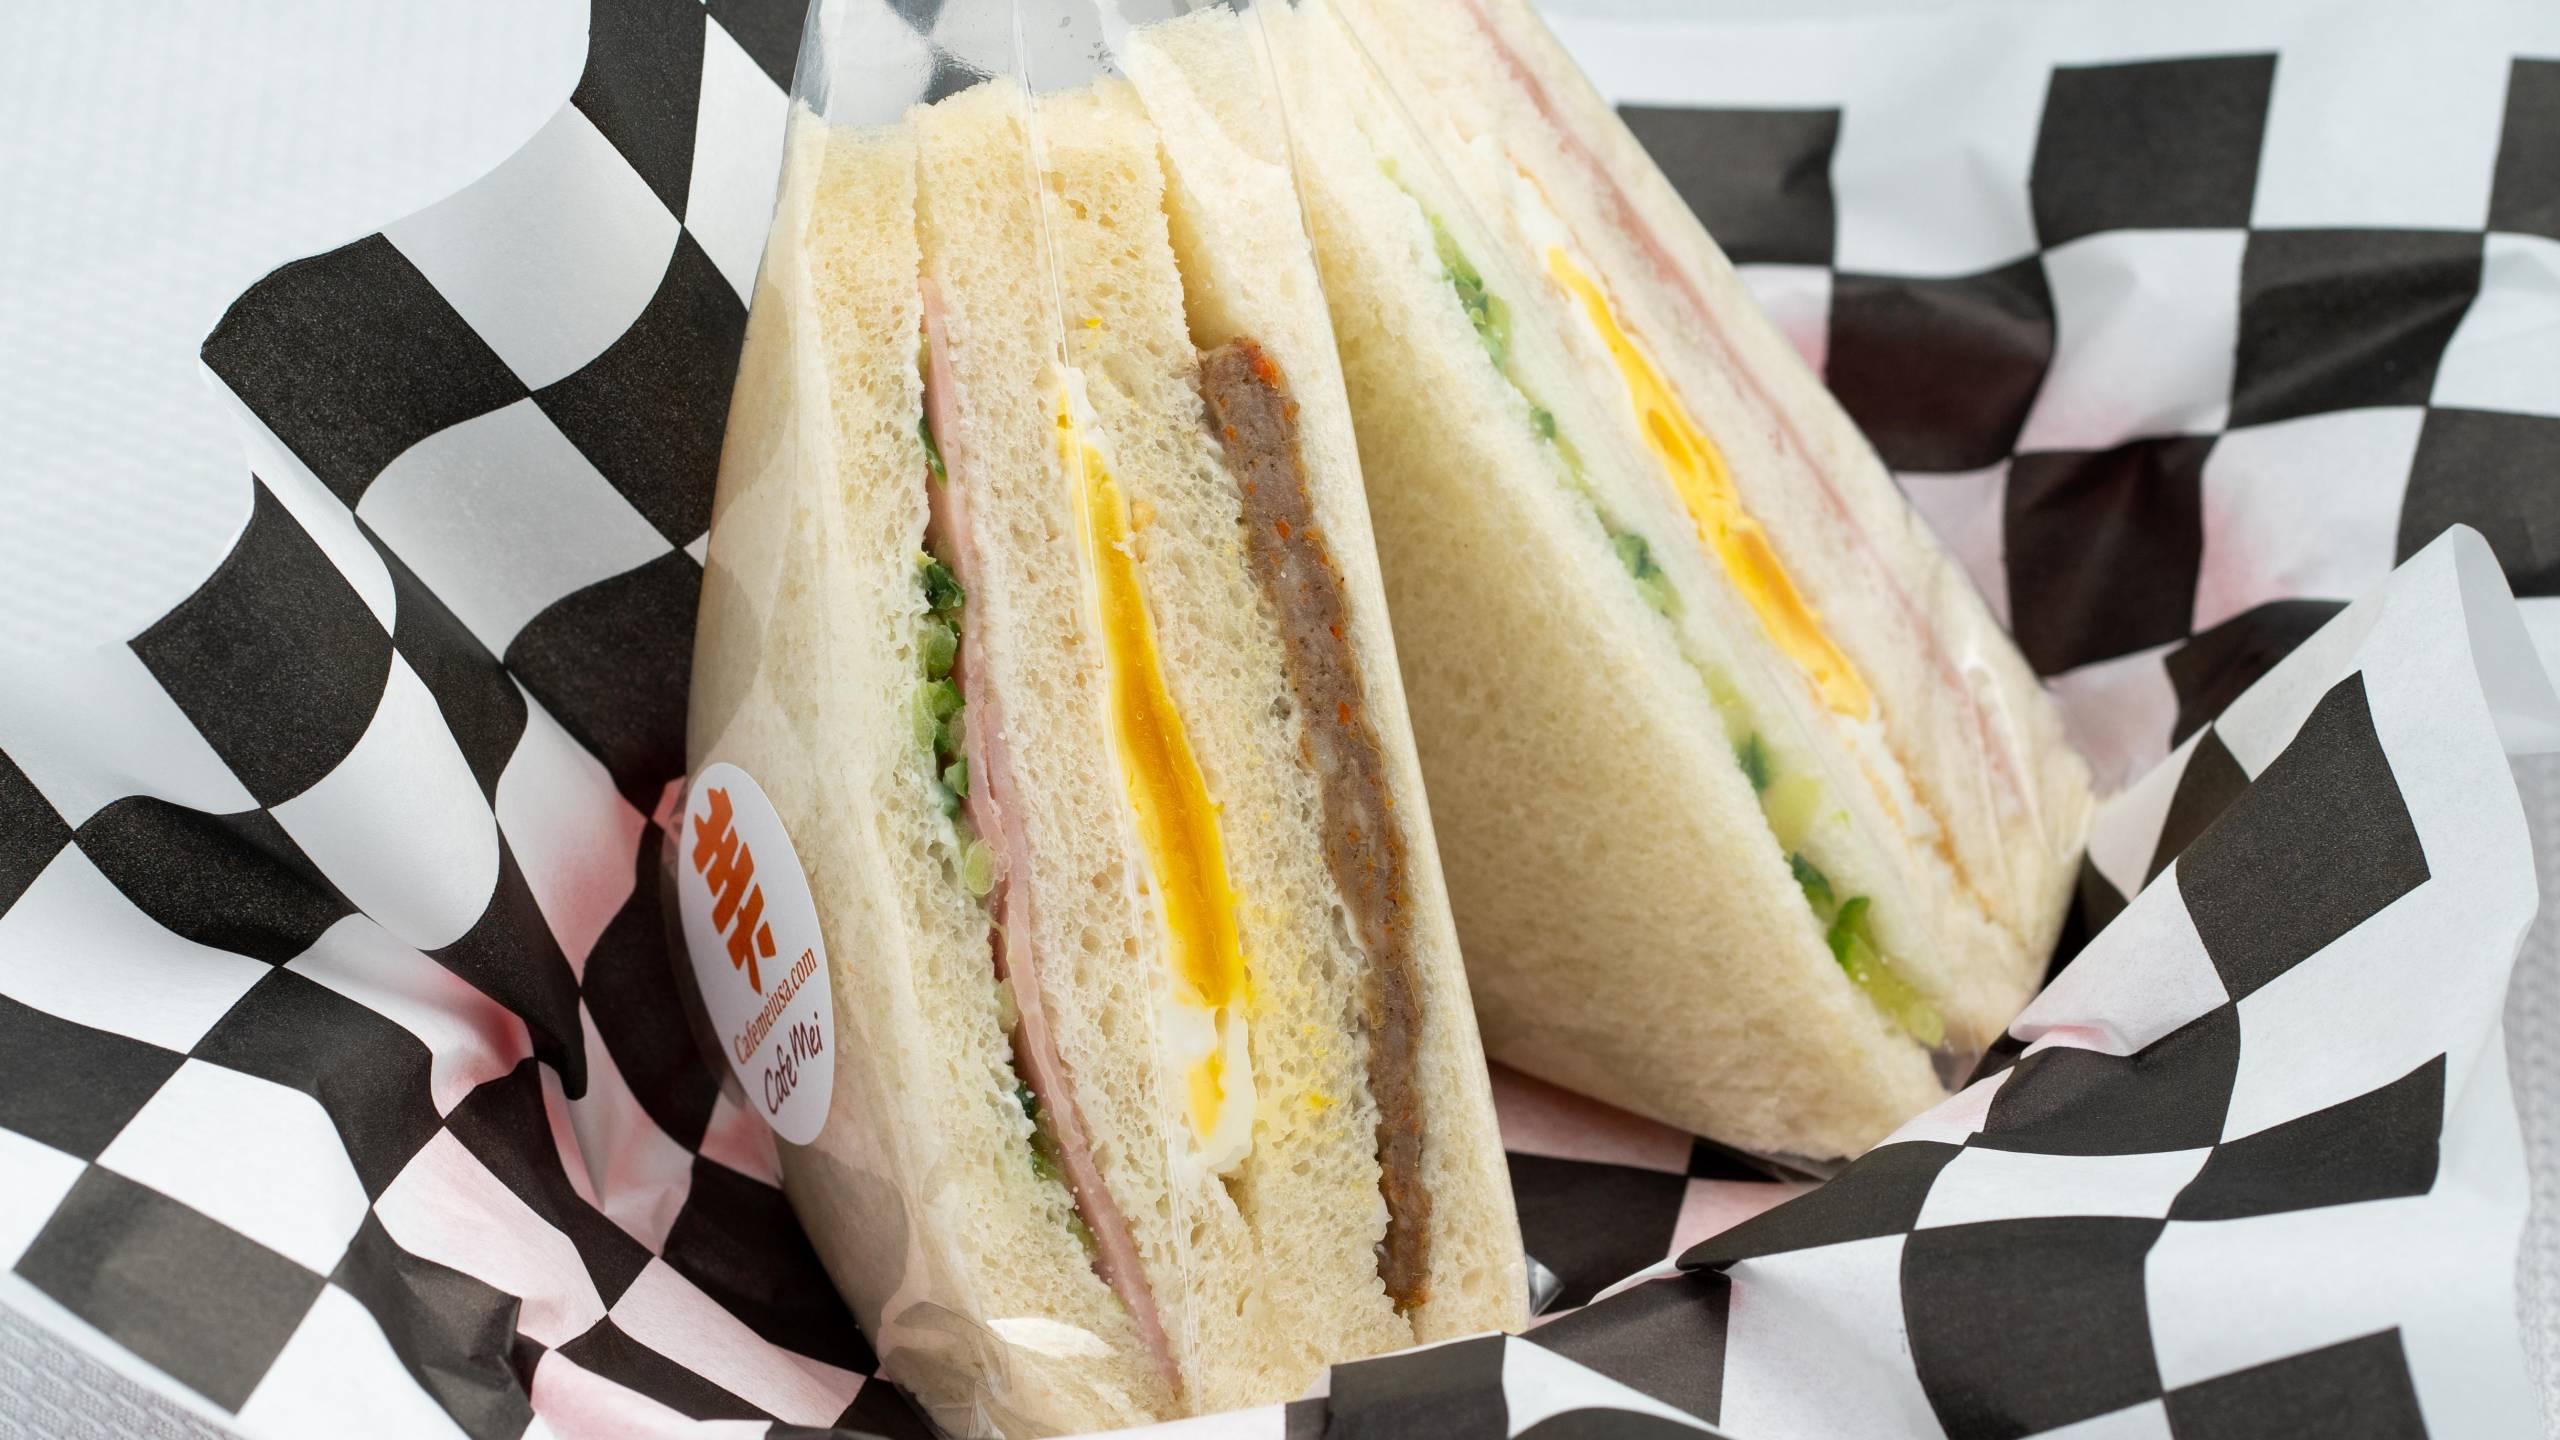 A Taiwanese breakfast sandwich wrapped in plastic.